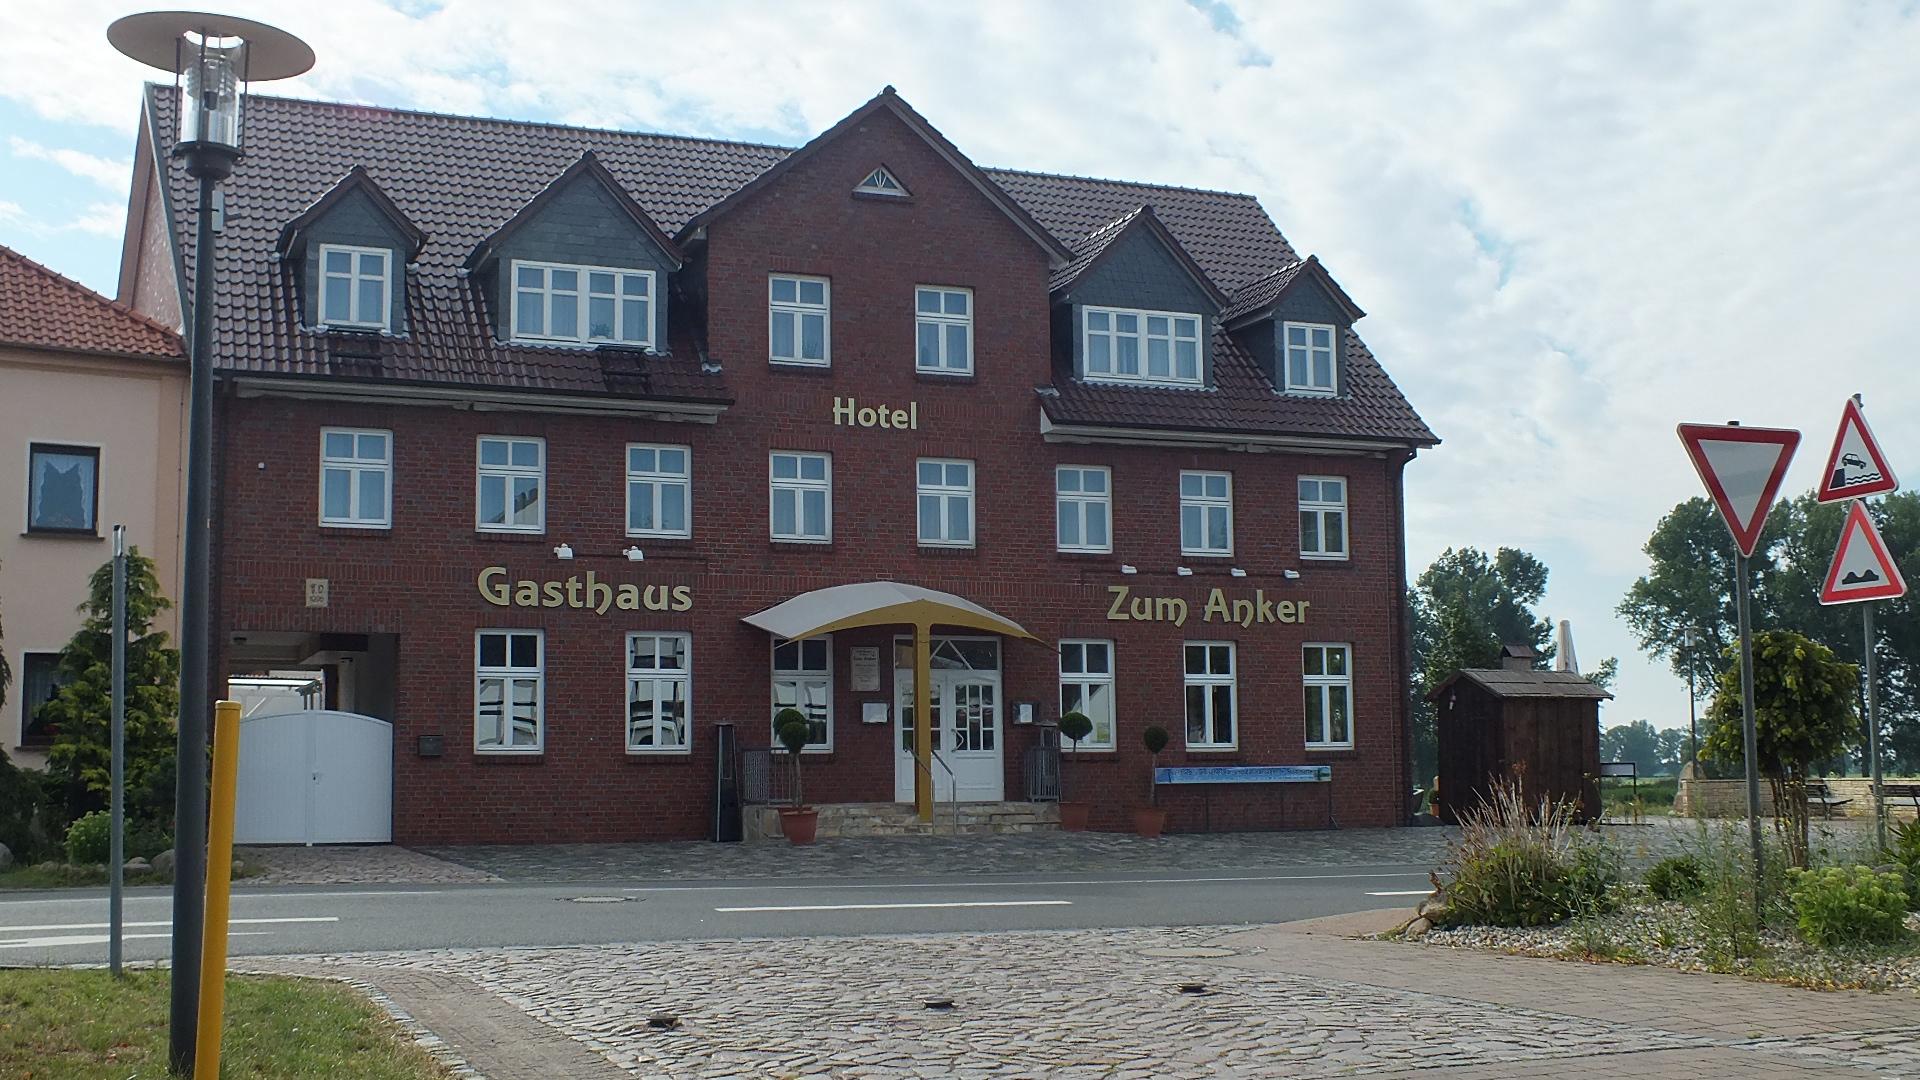 vergleich single partnervermittlung österreich elbe-elster kreis  Elbe elster single, Ridgefield Eduction Foundation.